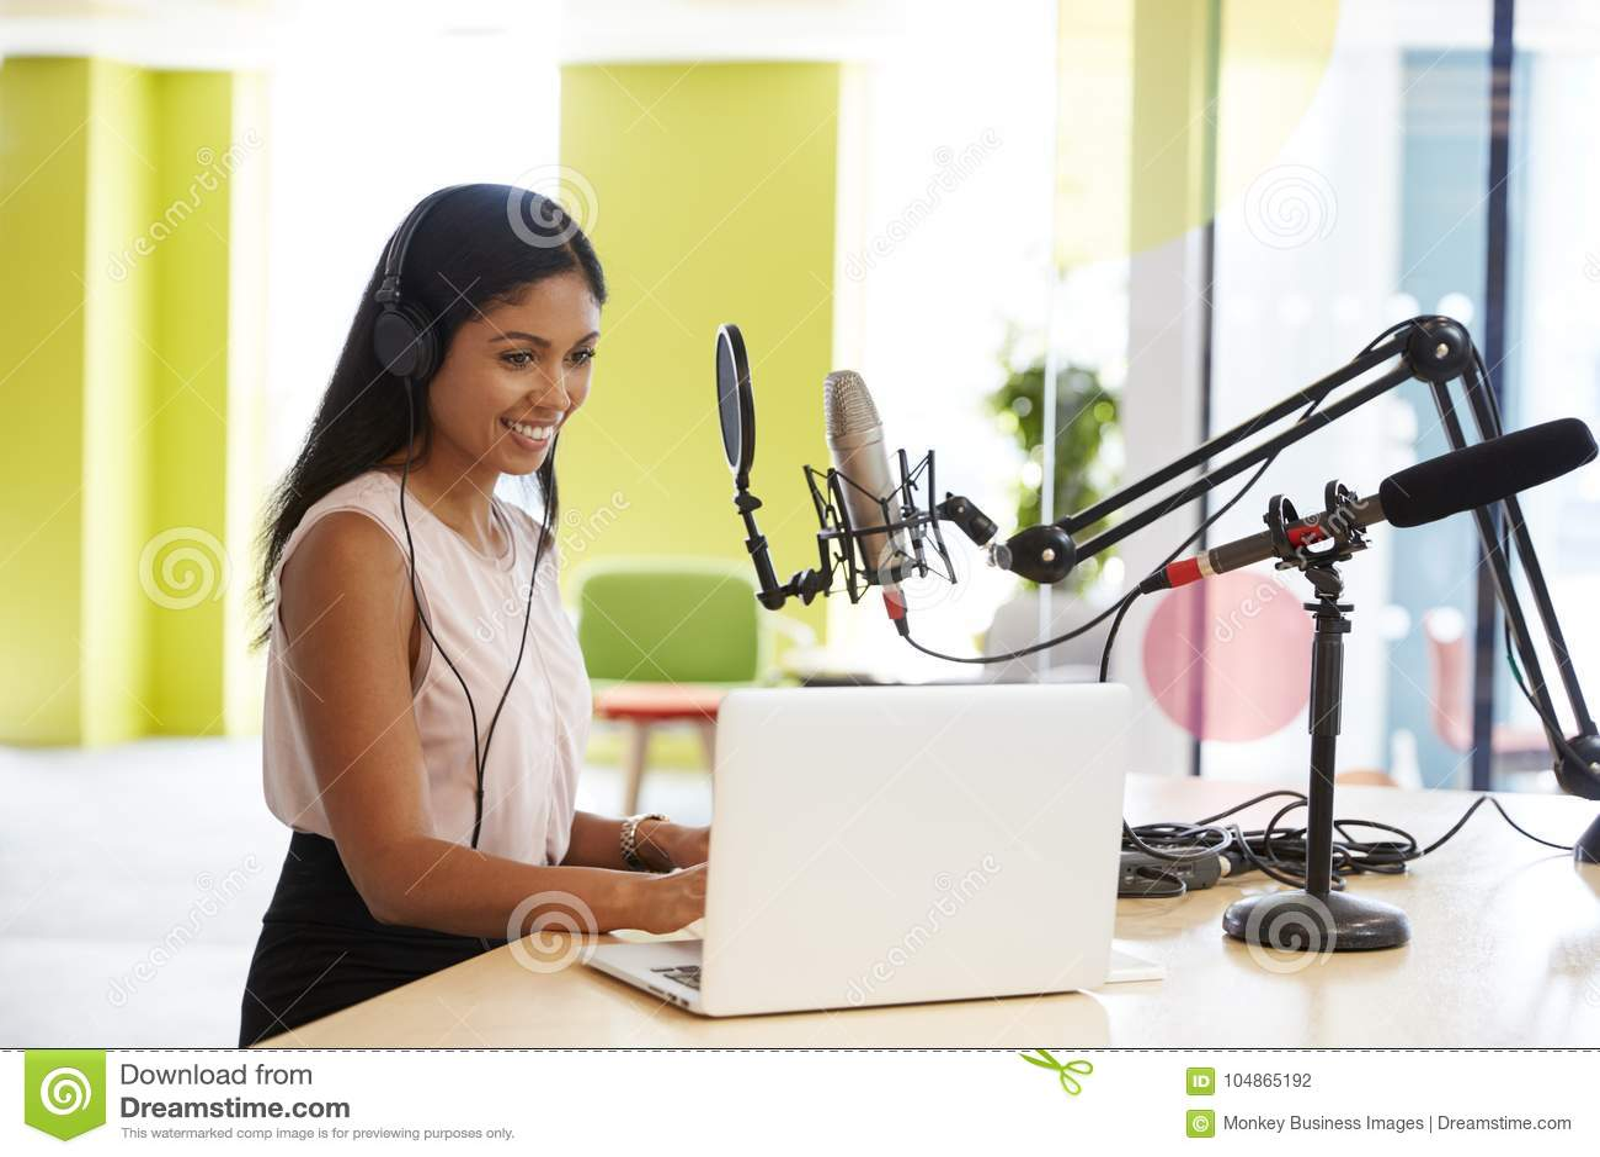 Jonge gemengde rasvrouw die een podcast in een studio registreren